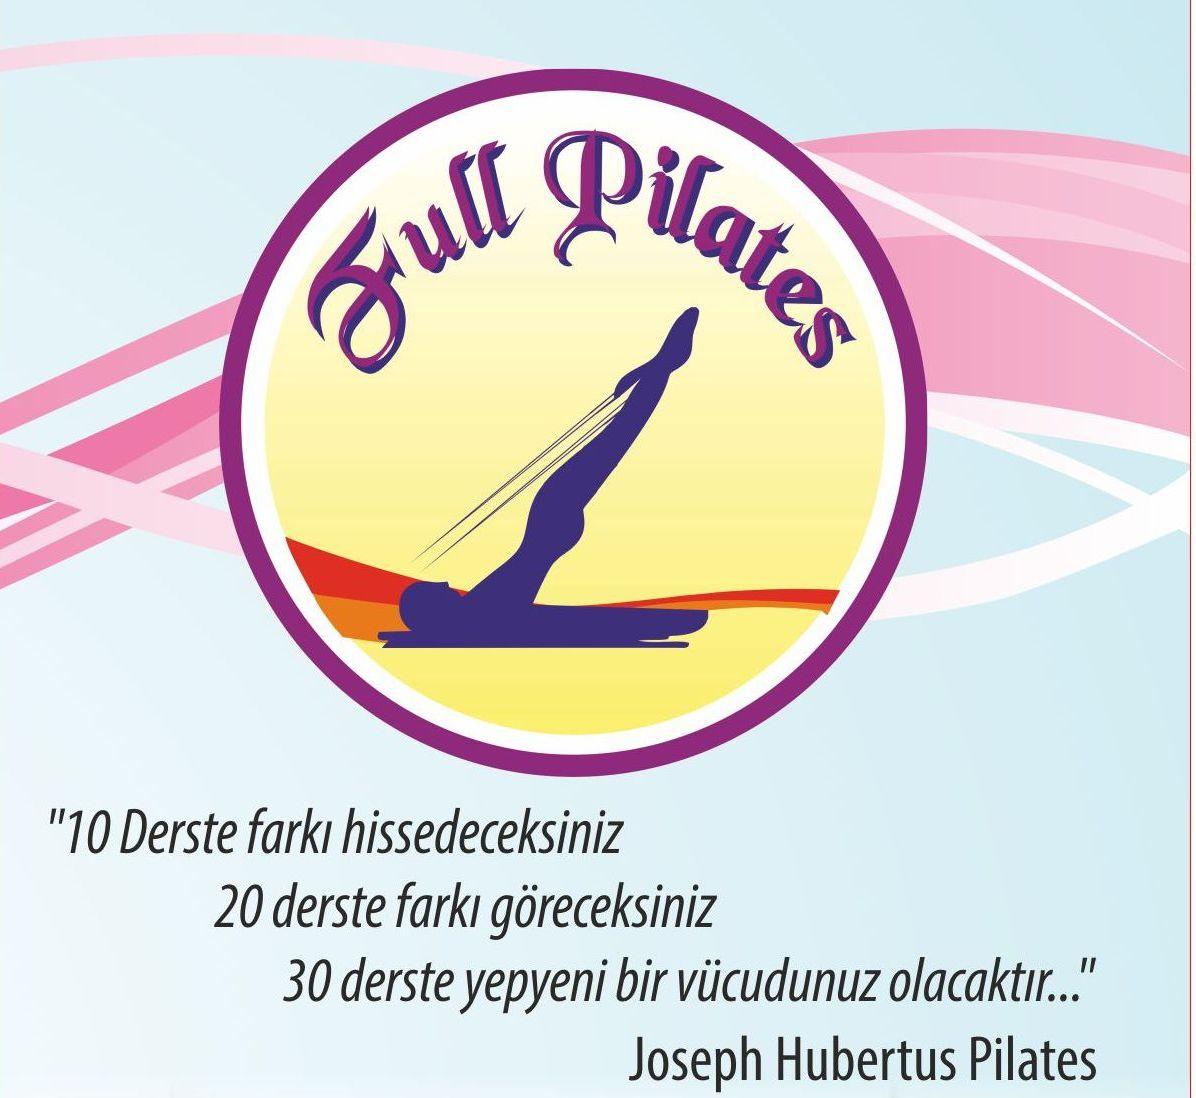 full pilates logo